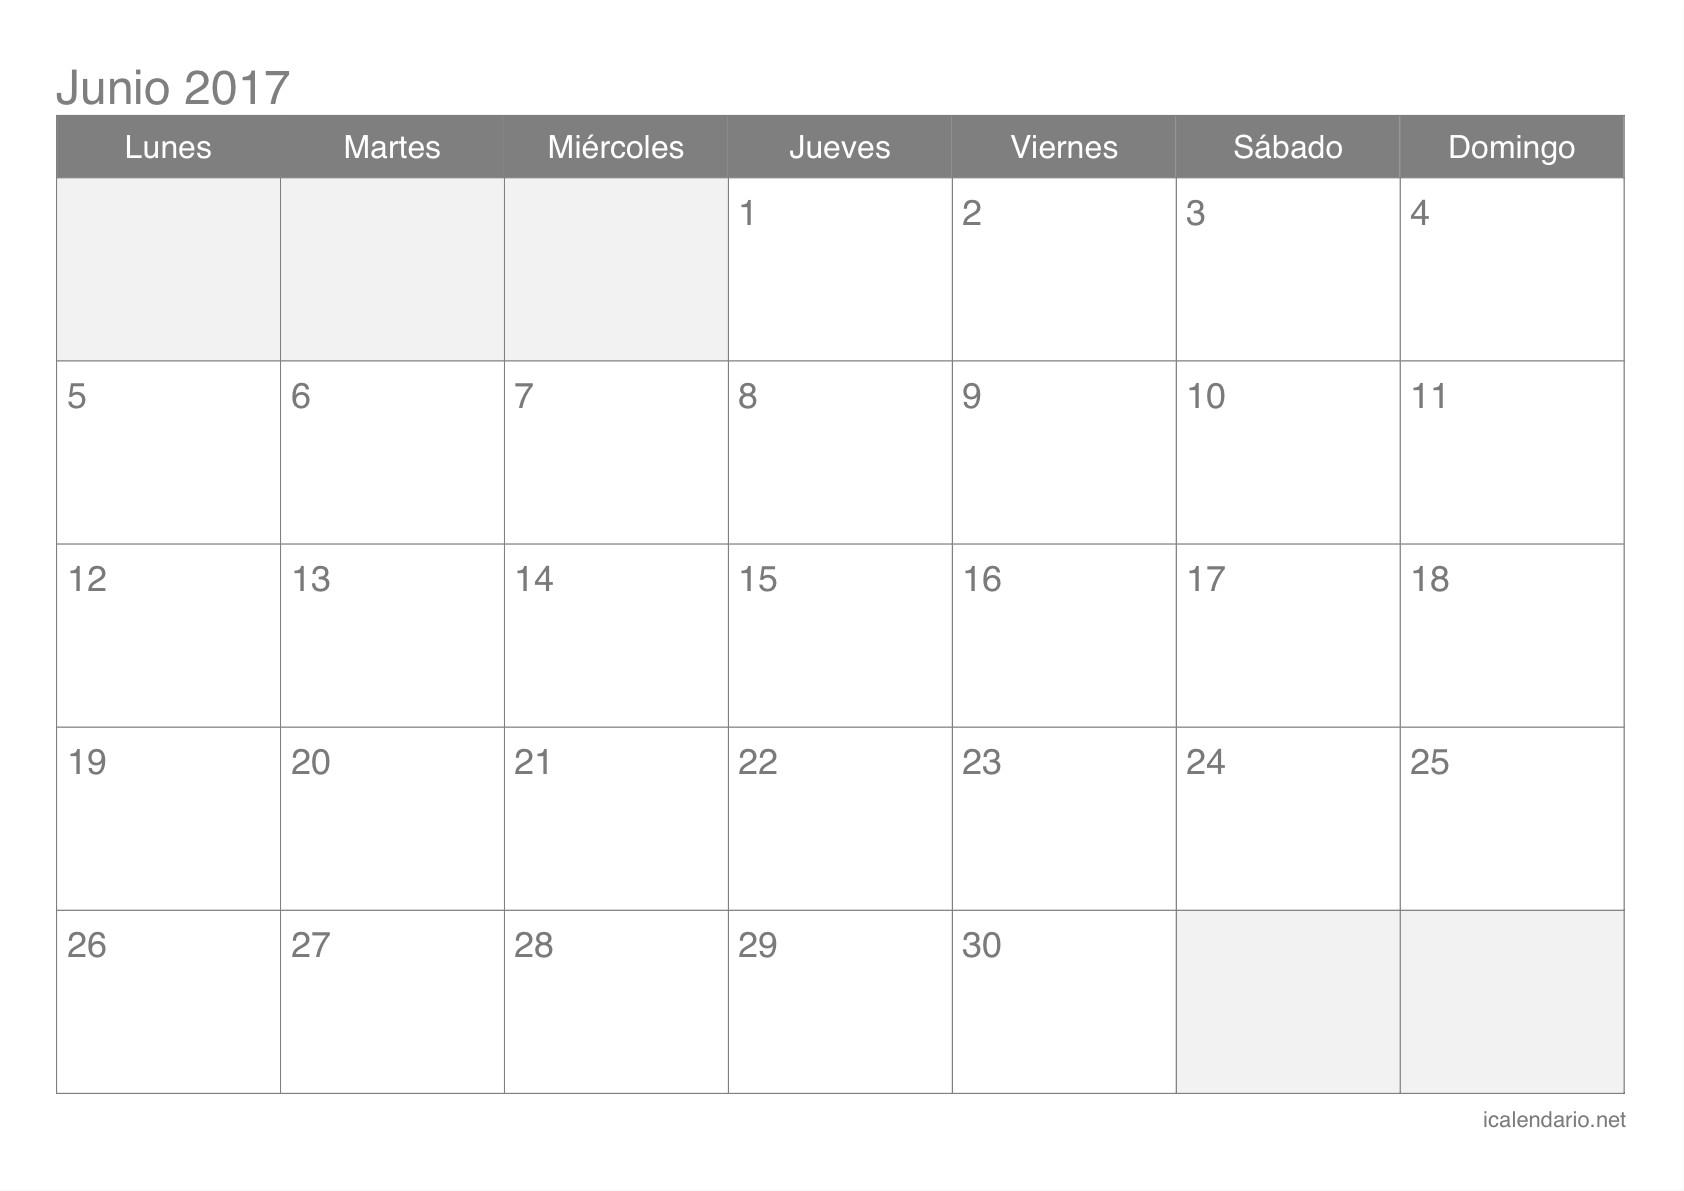 Calendario Junio 2017 Para Imprimir Word Más Reciente Calendario Junio 2017 Para Imprimir Icalendario Of Calendario Junio 2017 Para Imprimir Word Más Reciente Calendario En Blanco 2015 tomburorddiner